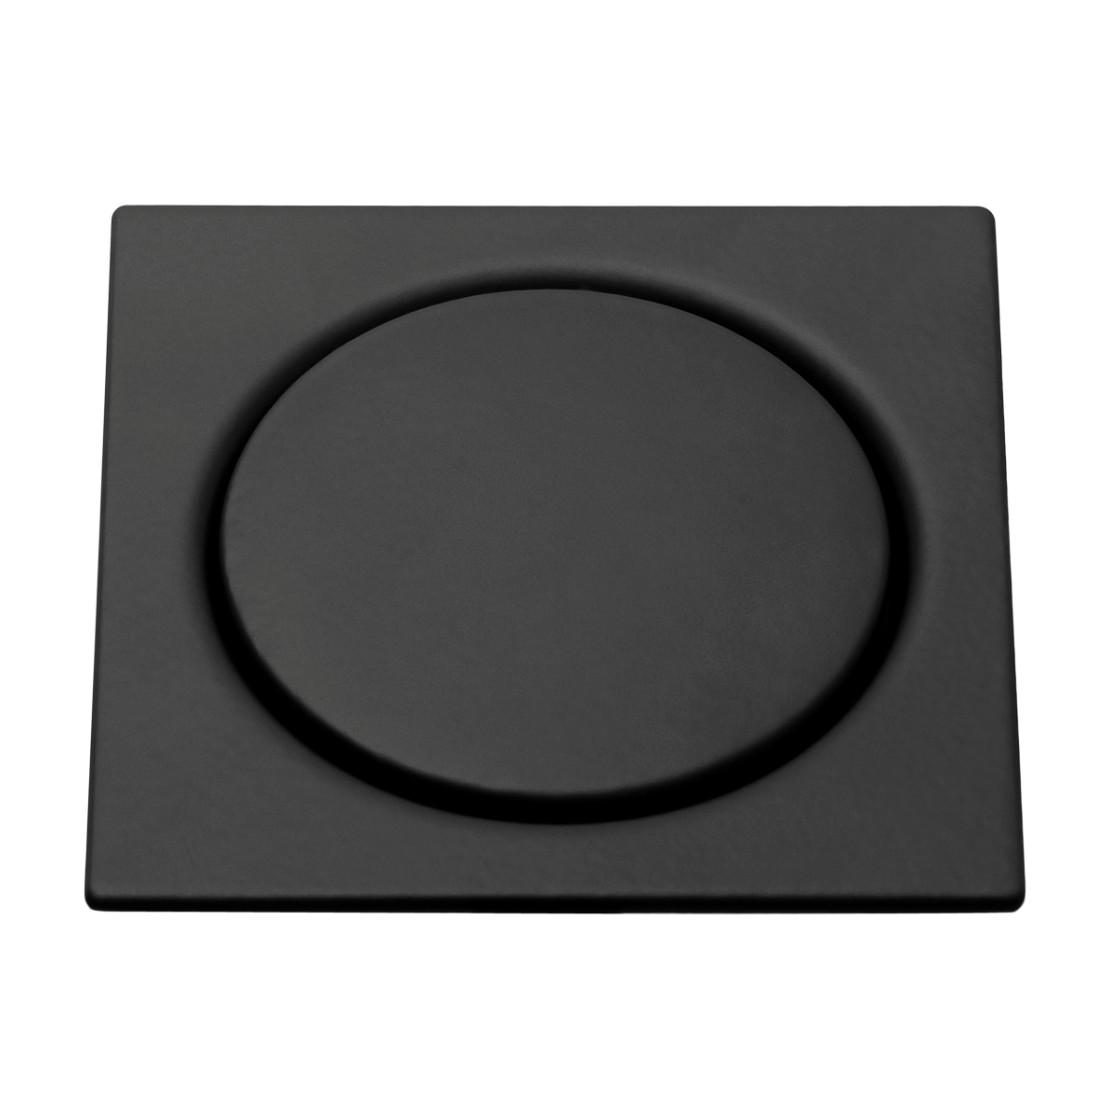 Grelha Quadrada com Fechamento Pressao 15x15 cm em Aco Inox 304 - Meber